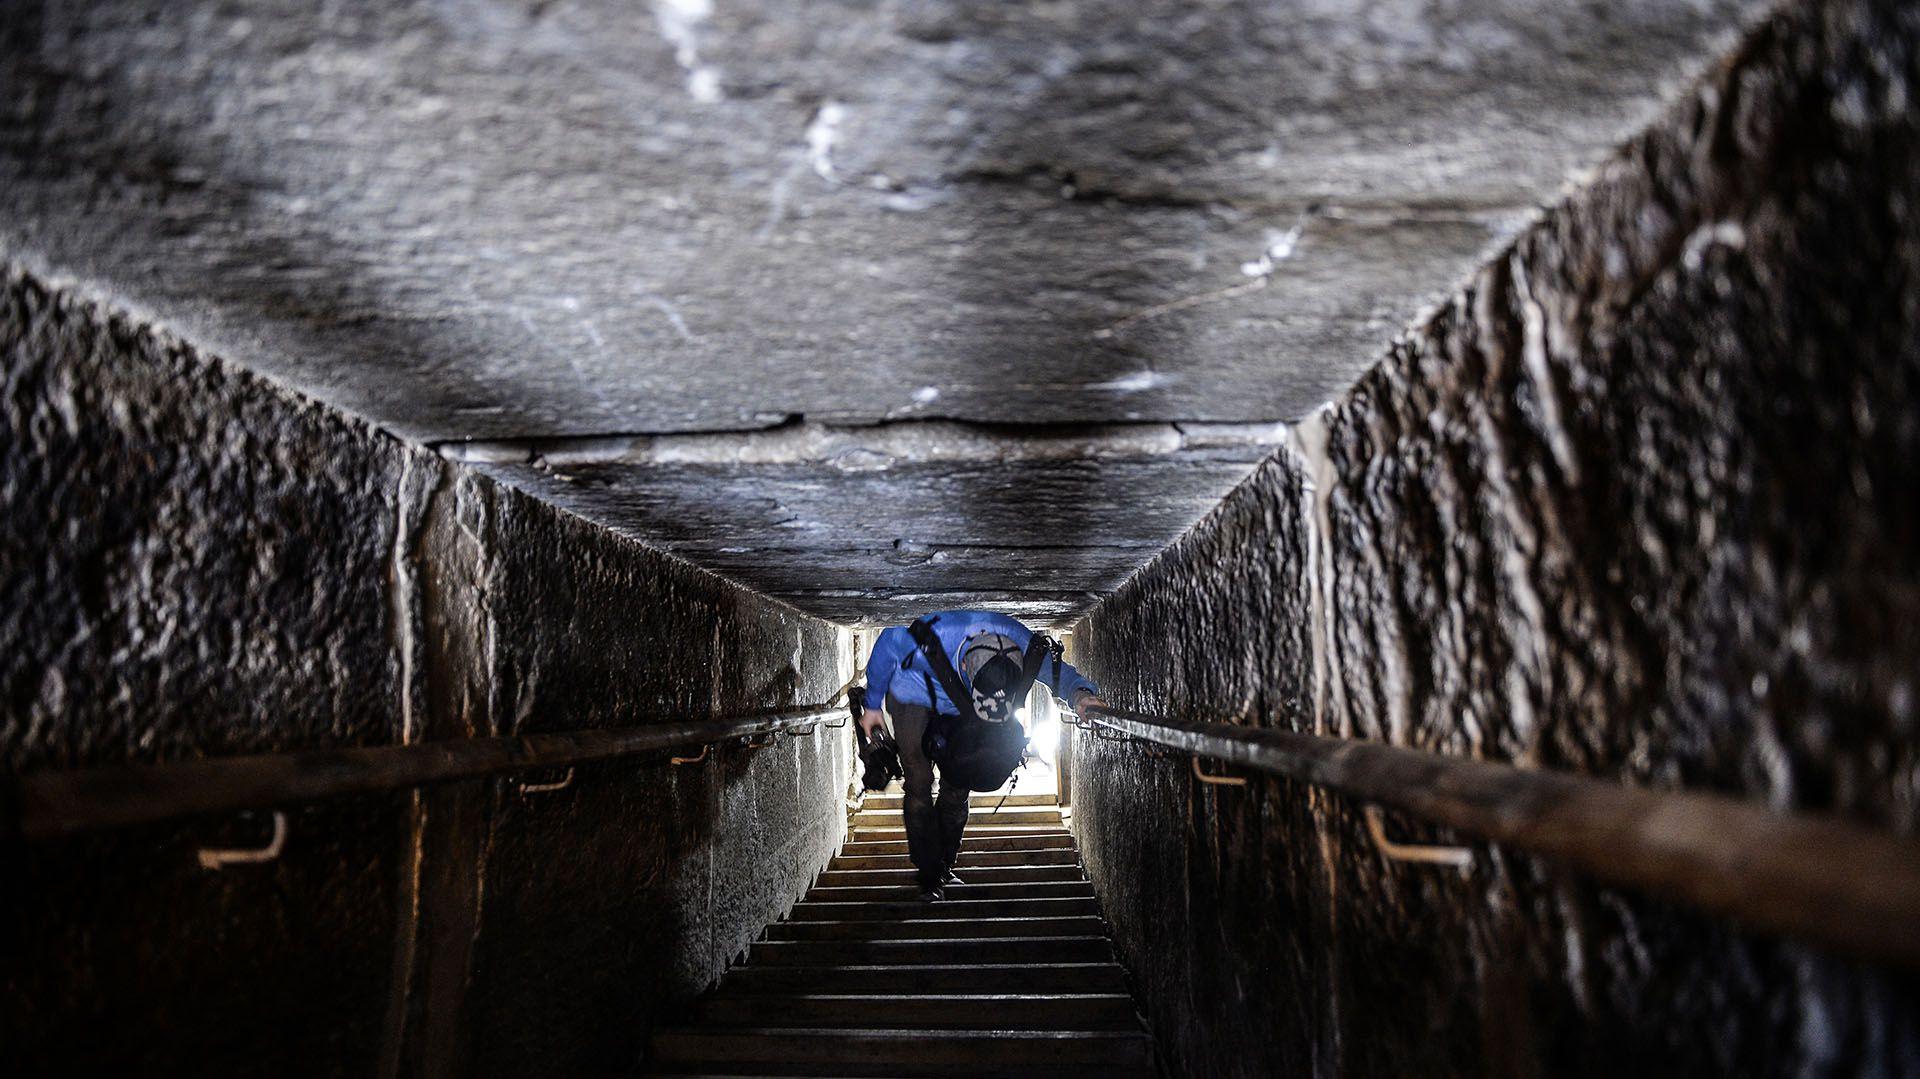 La pirámide fue cerrada al público en 1965(Mohamed el-Shahed/AFP)